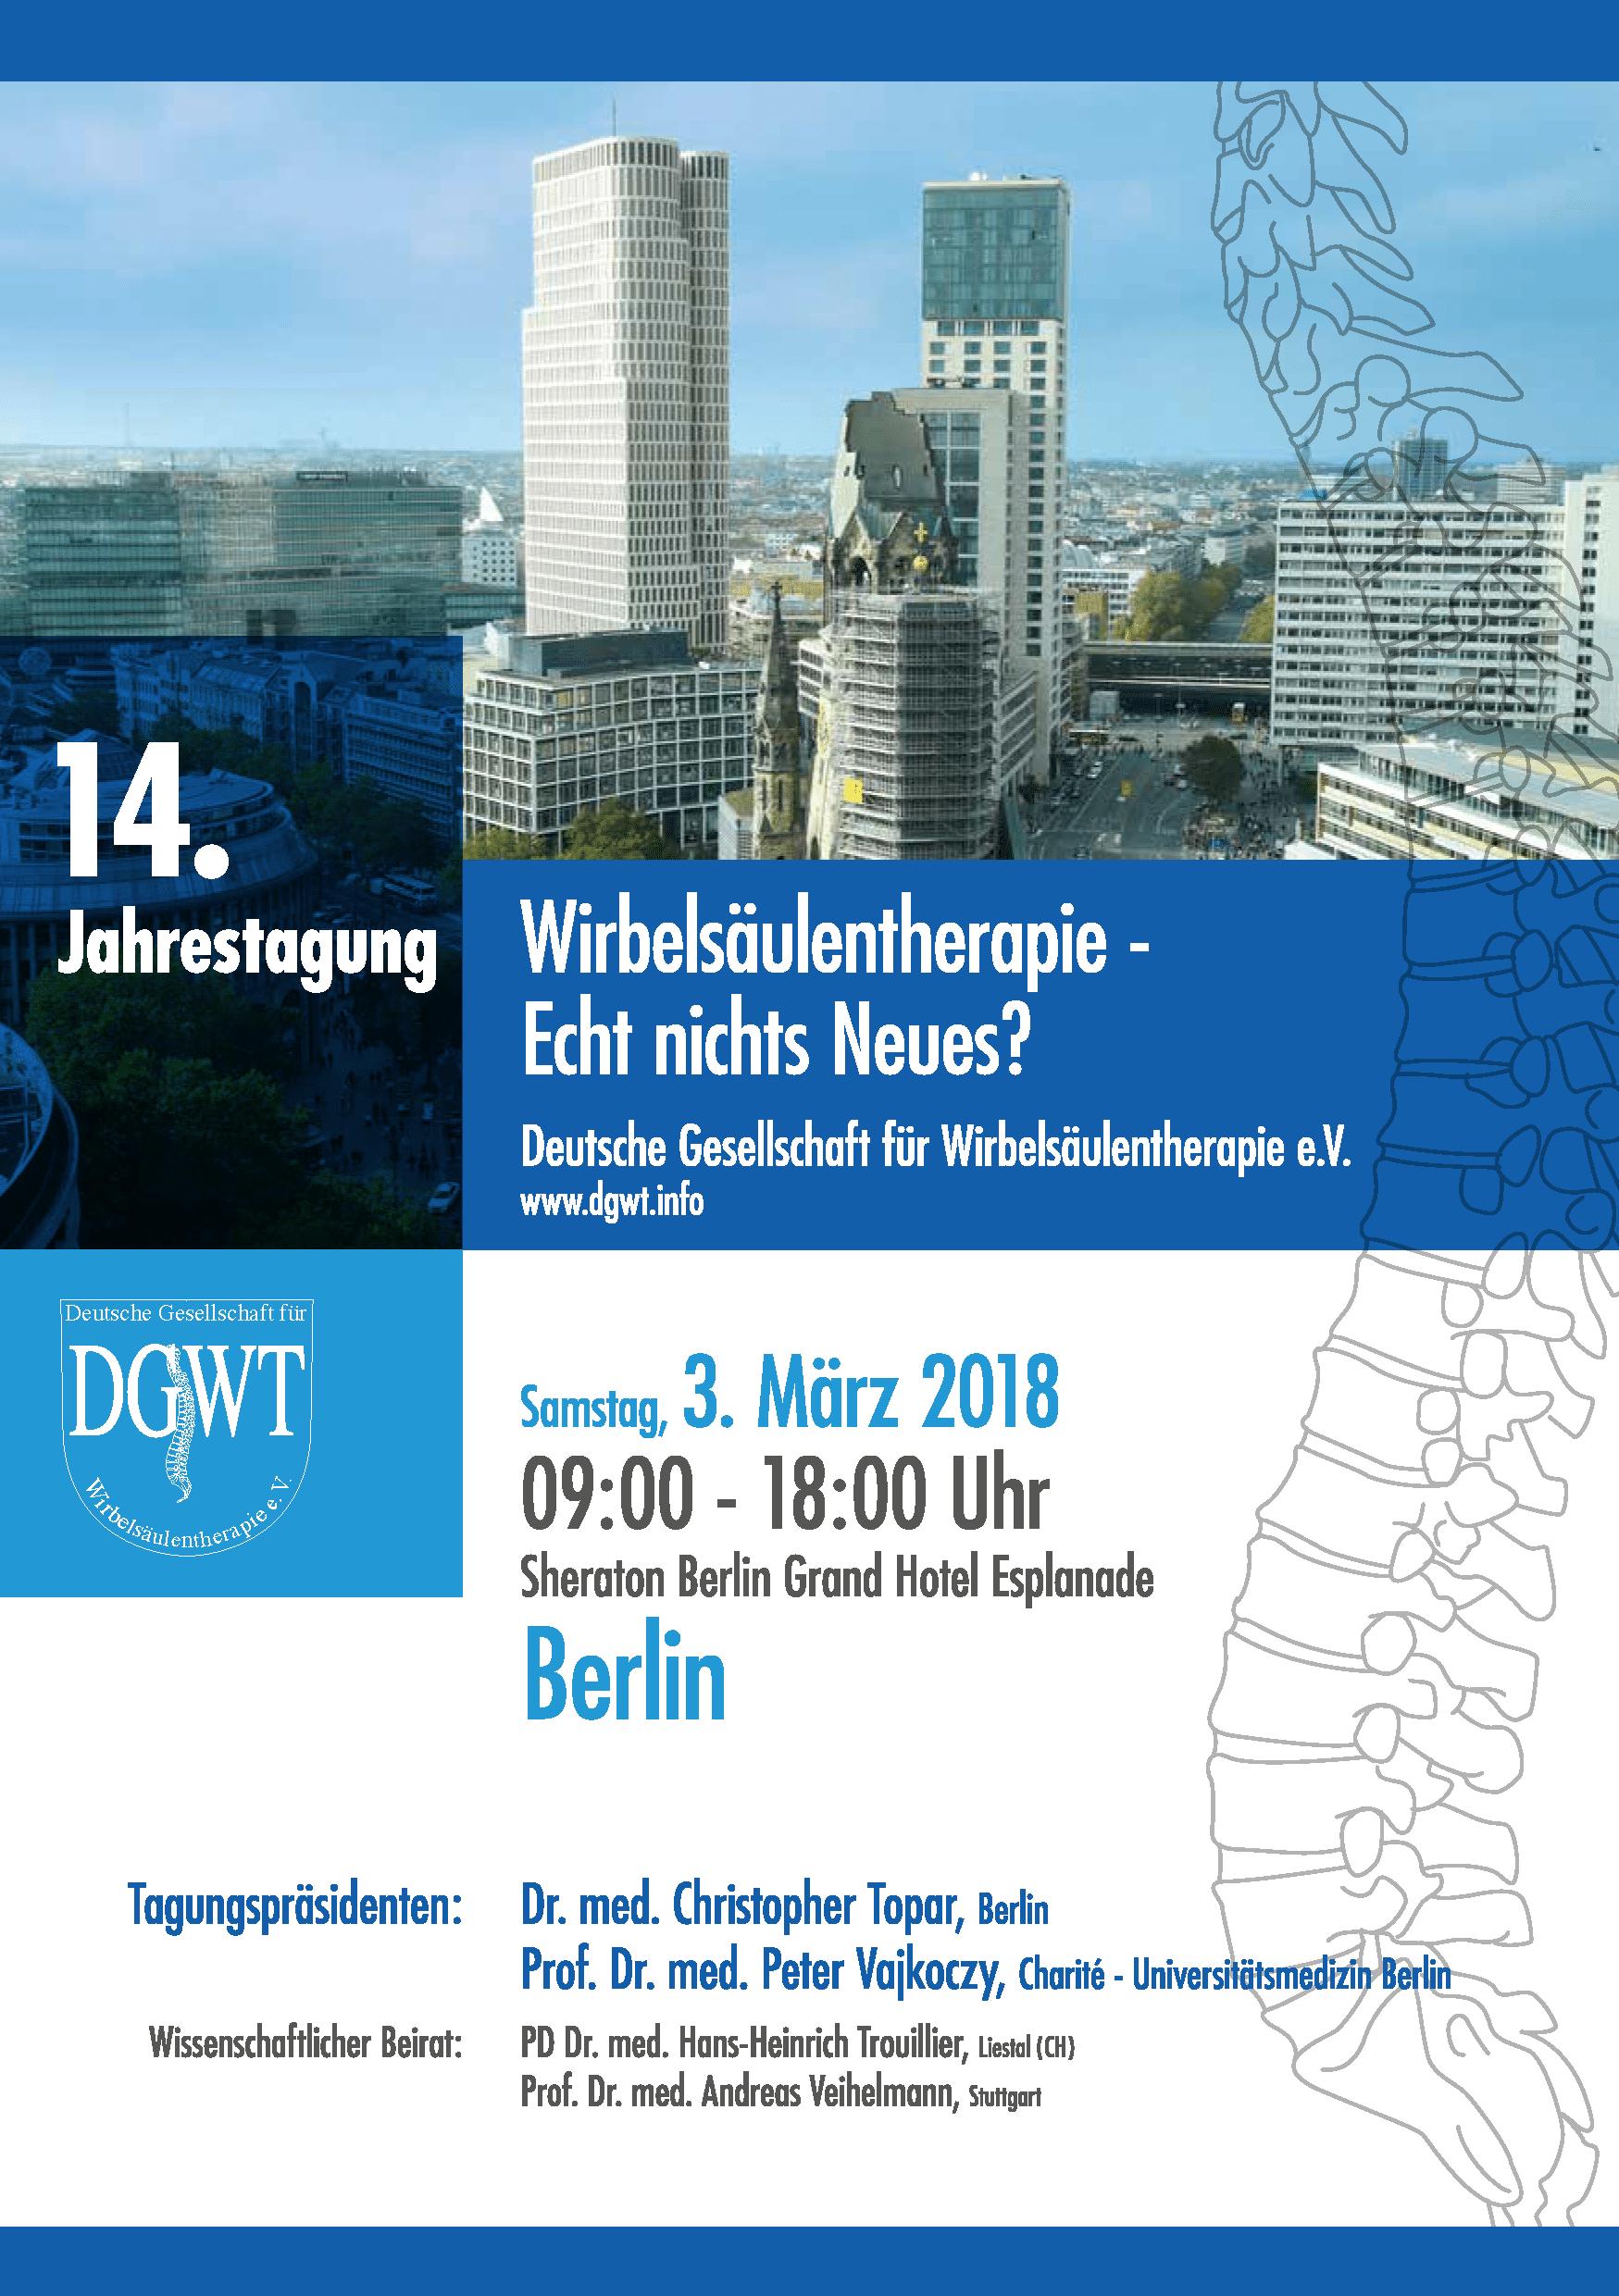 DGWT_14_Jahrestagung_2017